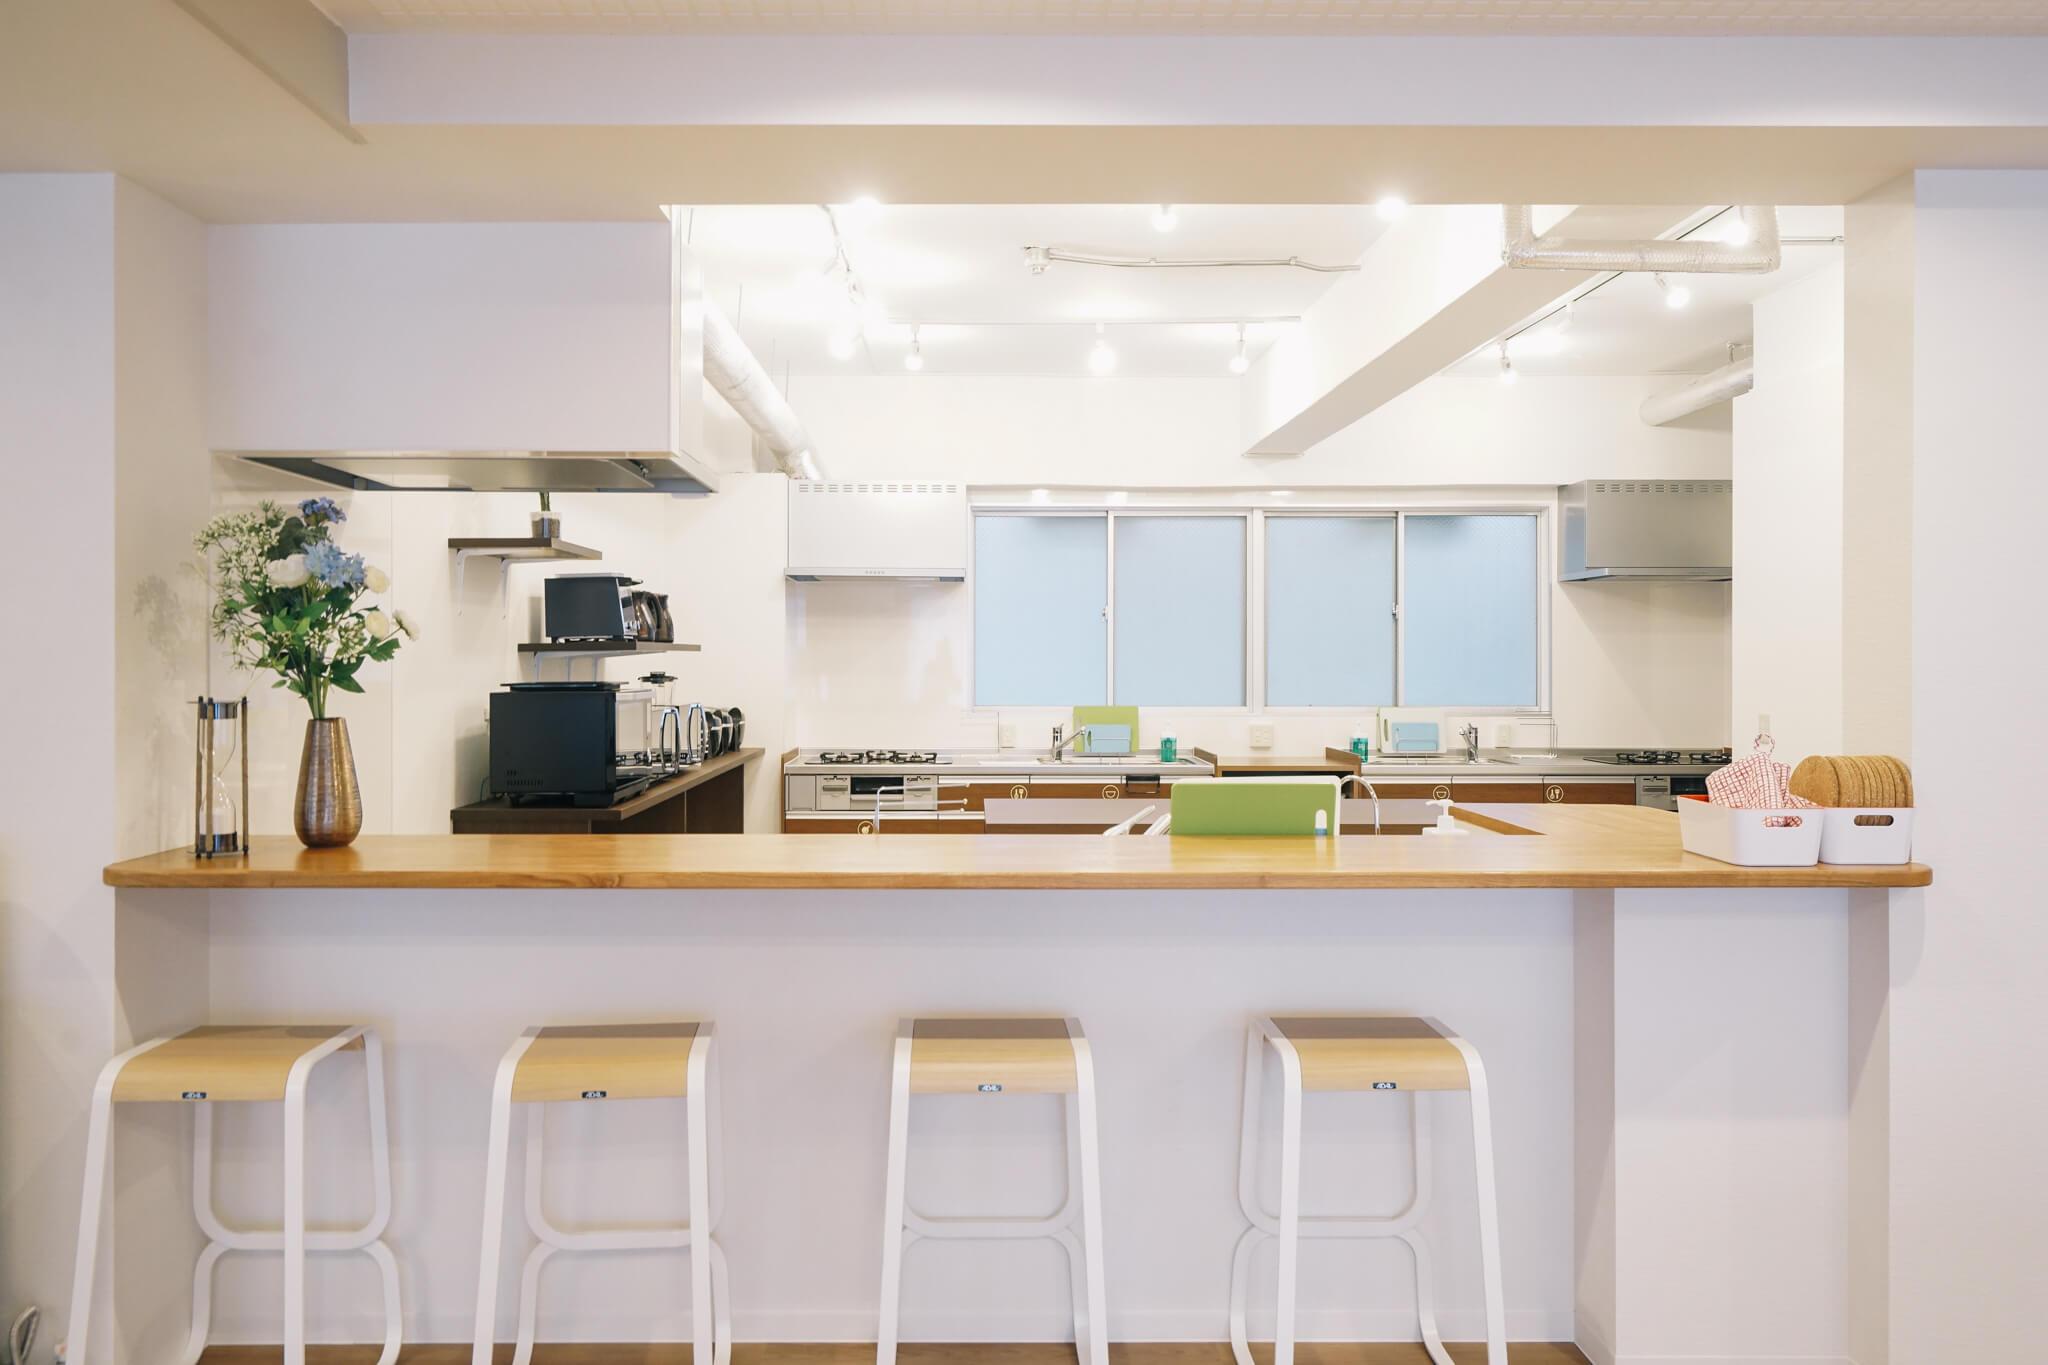 企画担当の元マネージャーさんが完成したときに感動して泣いてしまった、というカウンターキッチン。